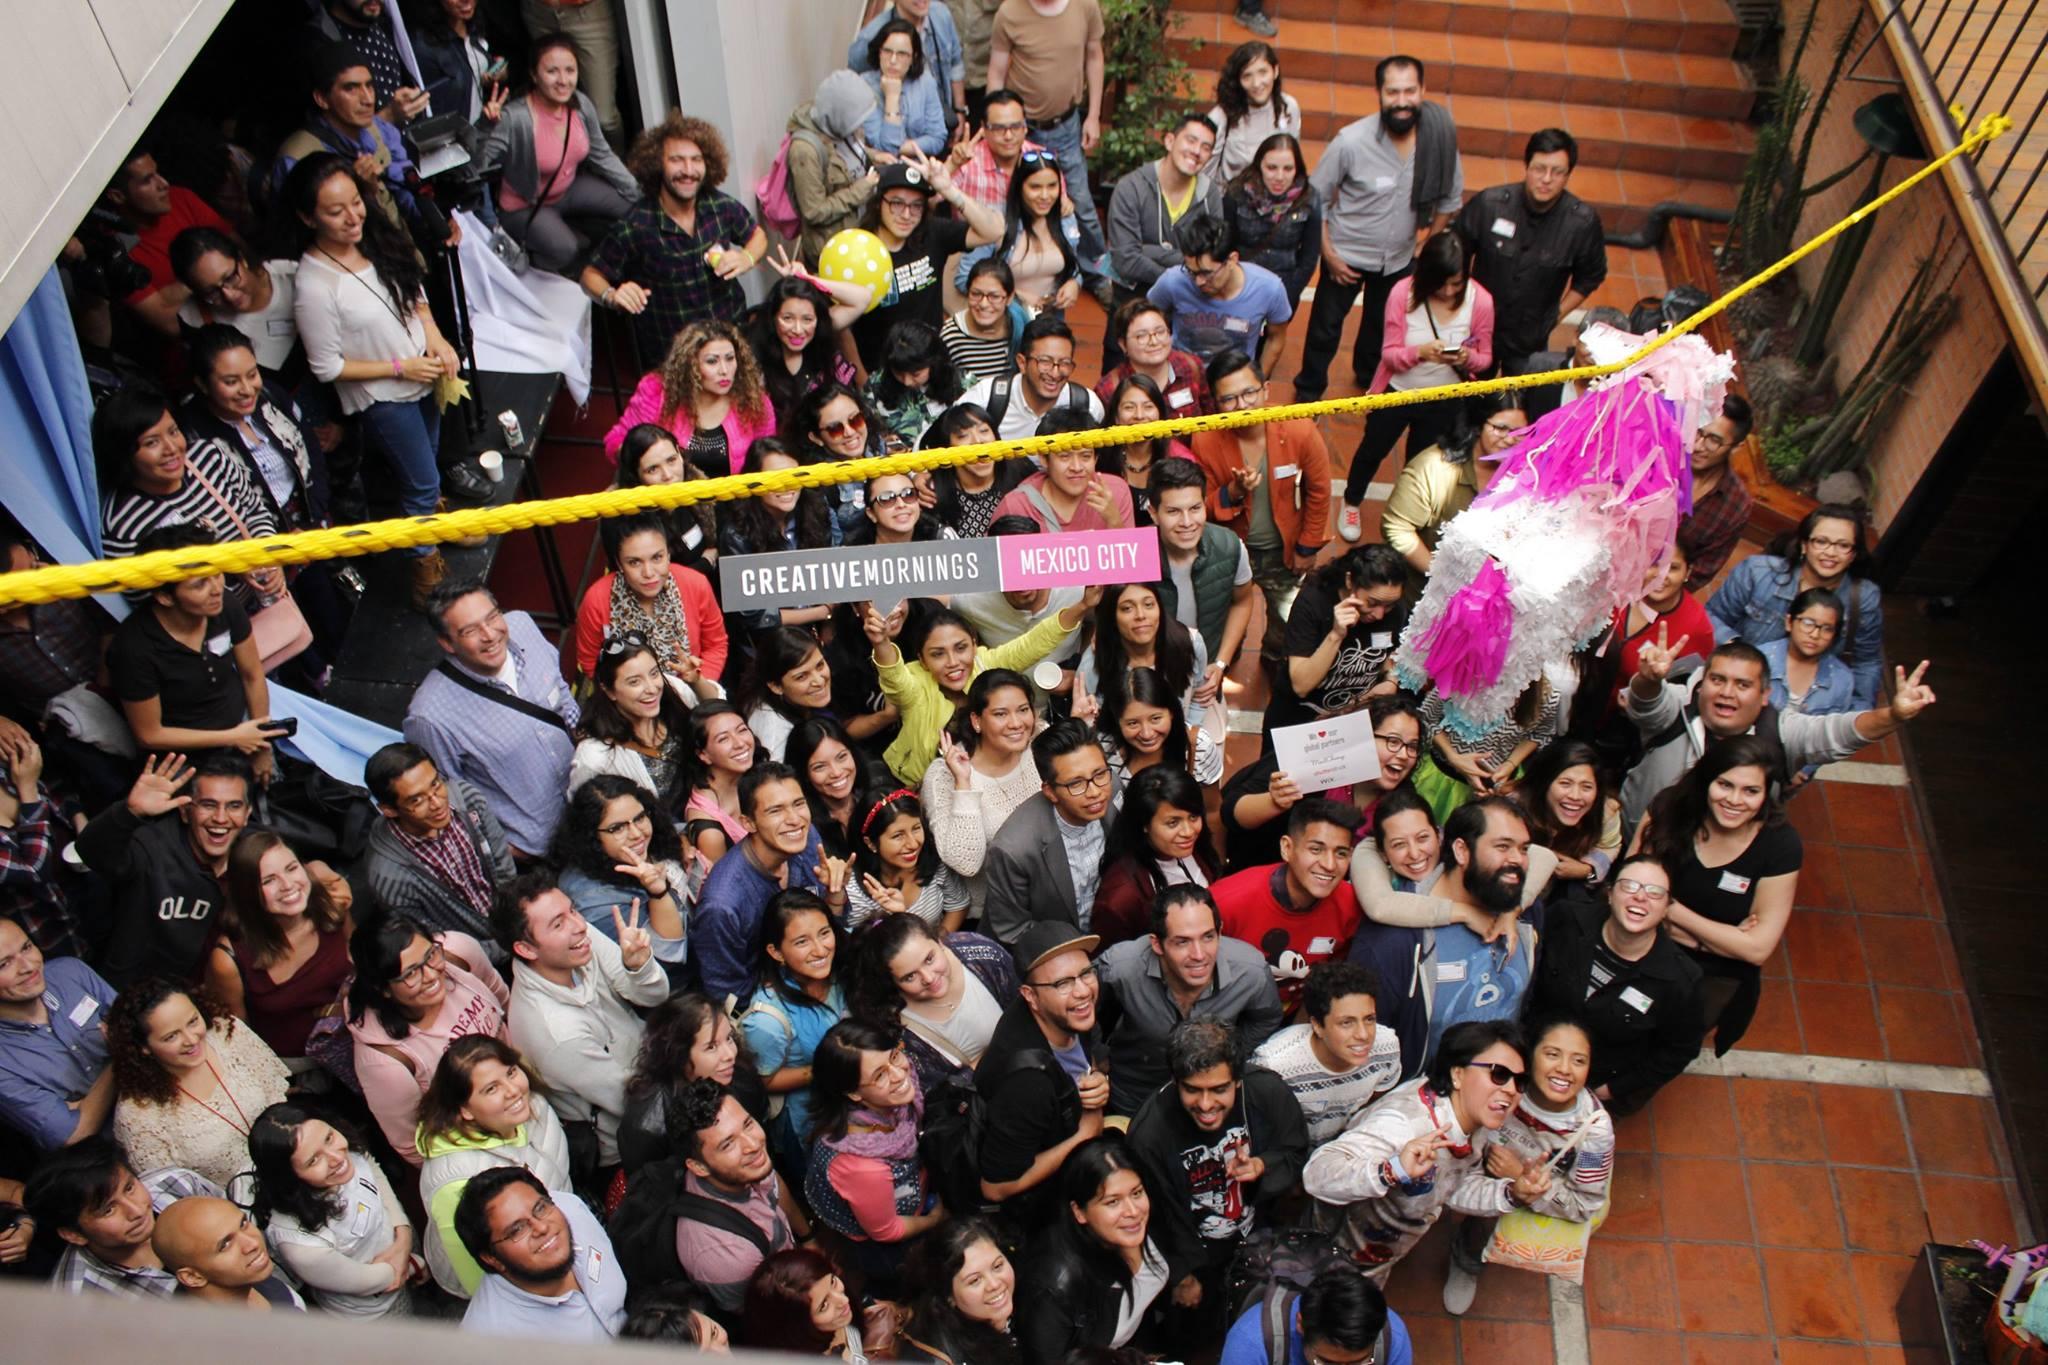 piñata comunidad creativa mexico lider.jpg